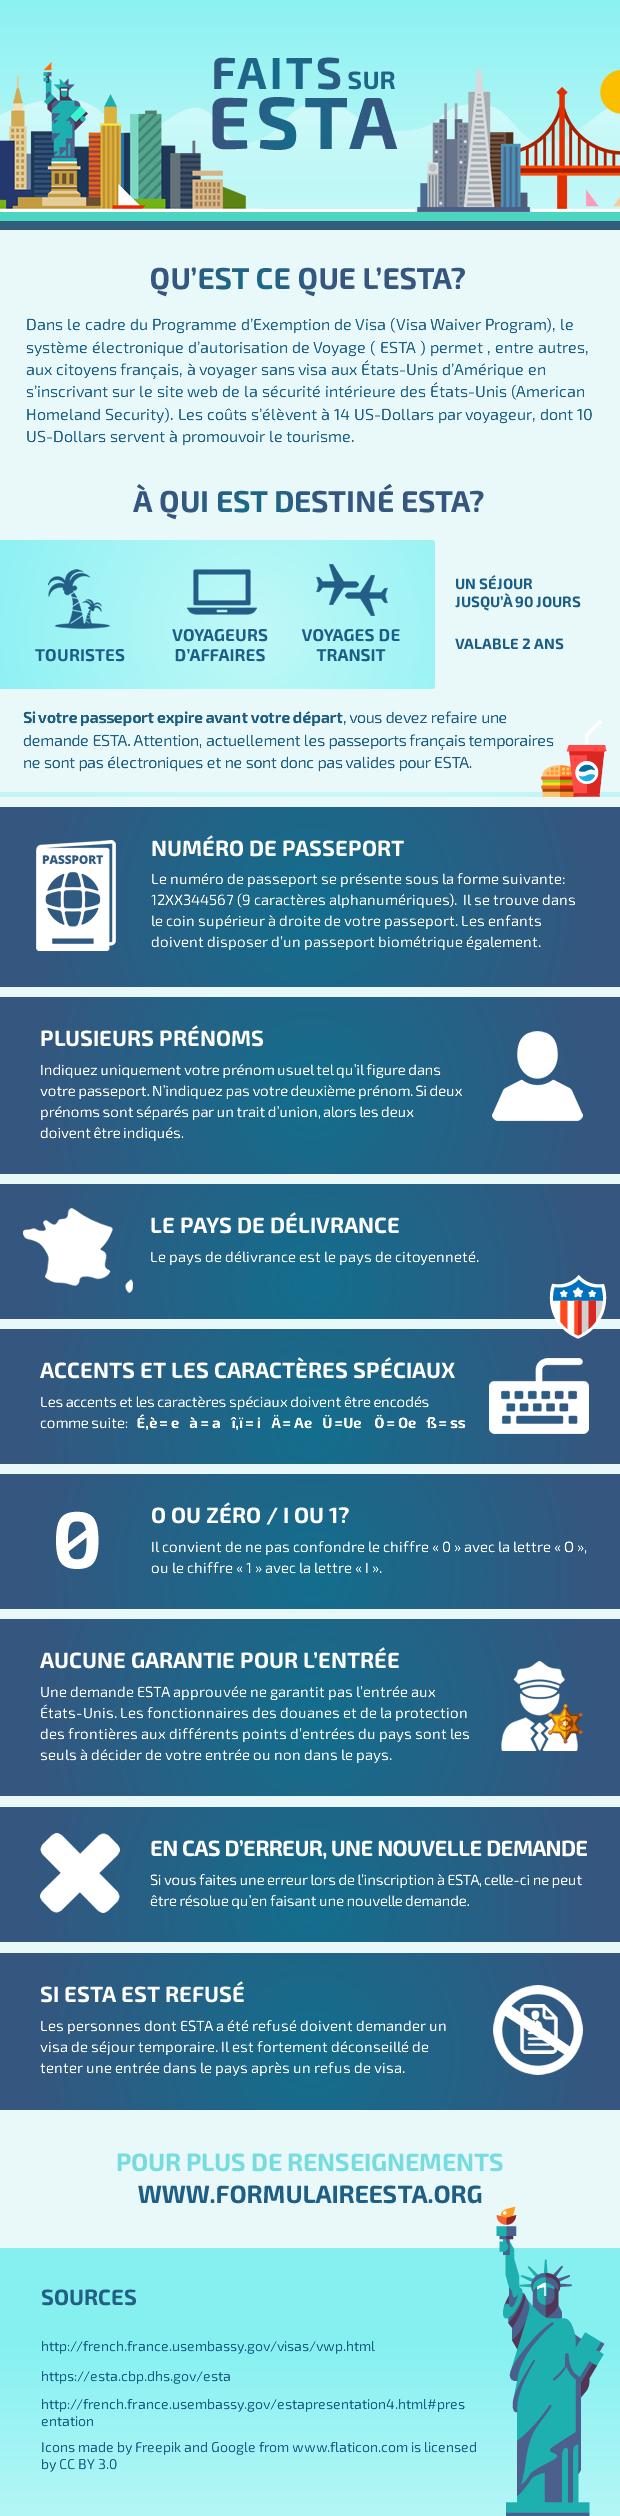 Infographie sur l'ESTA